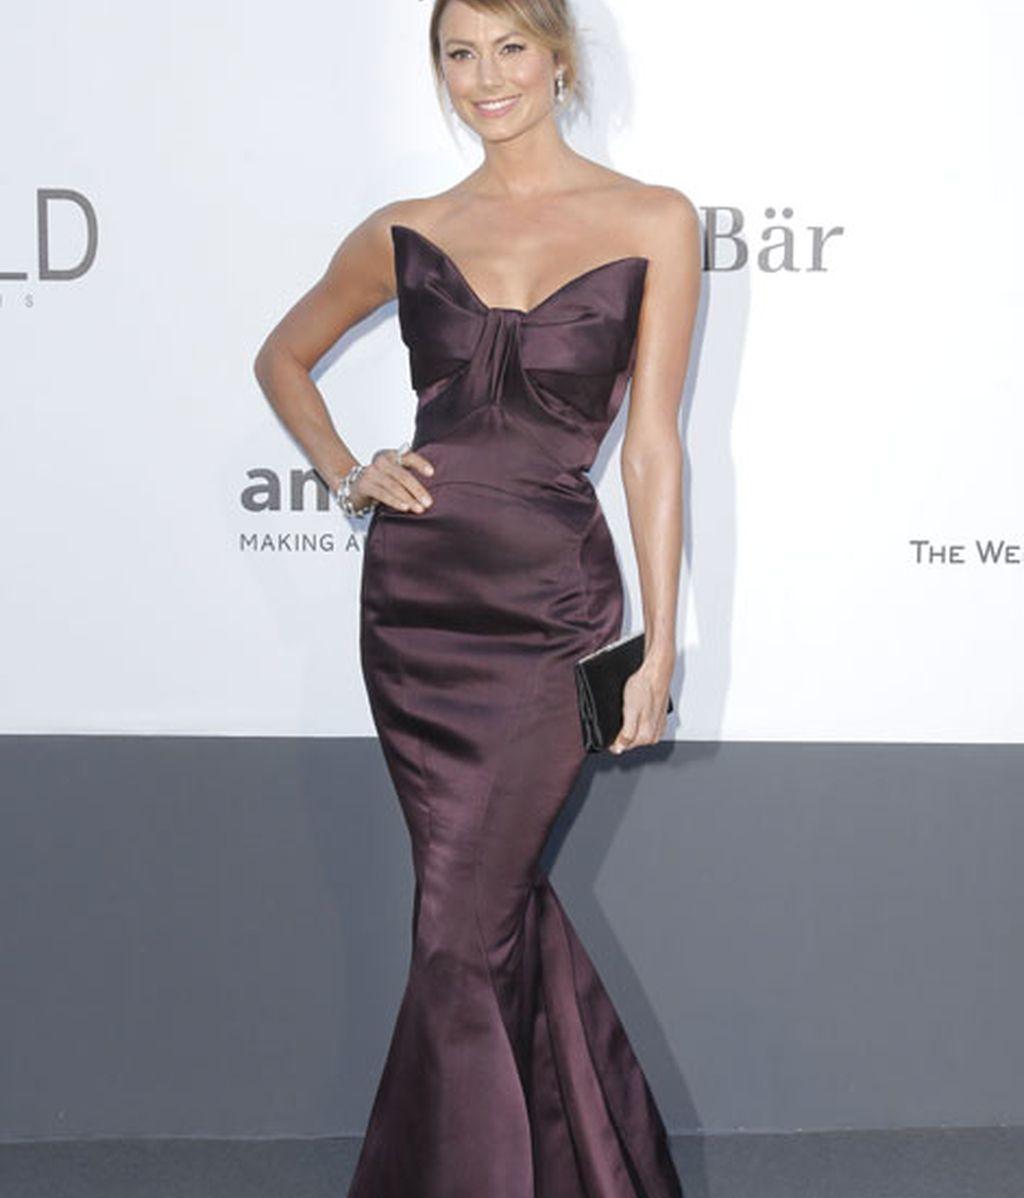 Stacy Keibler radiante con un vestido de Zac Posen en color vino